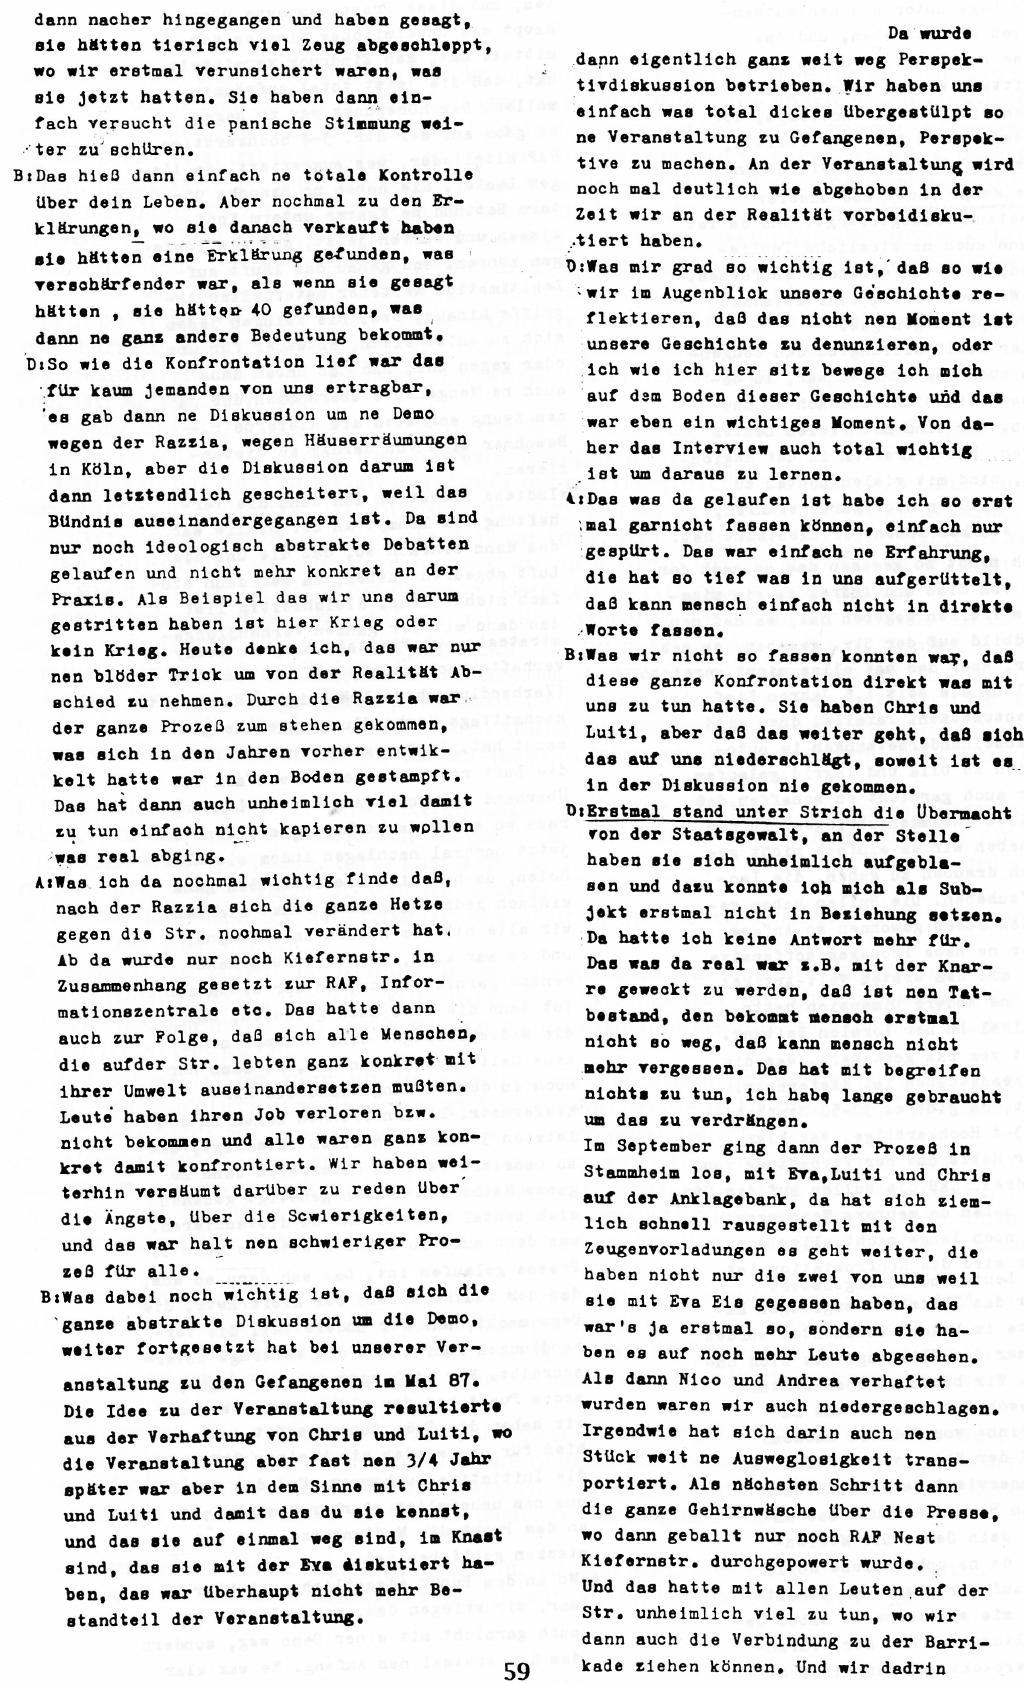 Duesseldorf_1989_Sechs_Politische_Gefangene_059